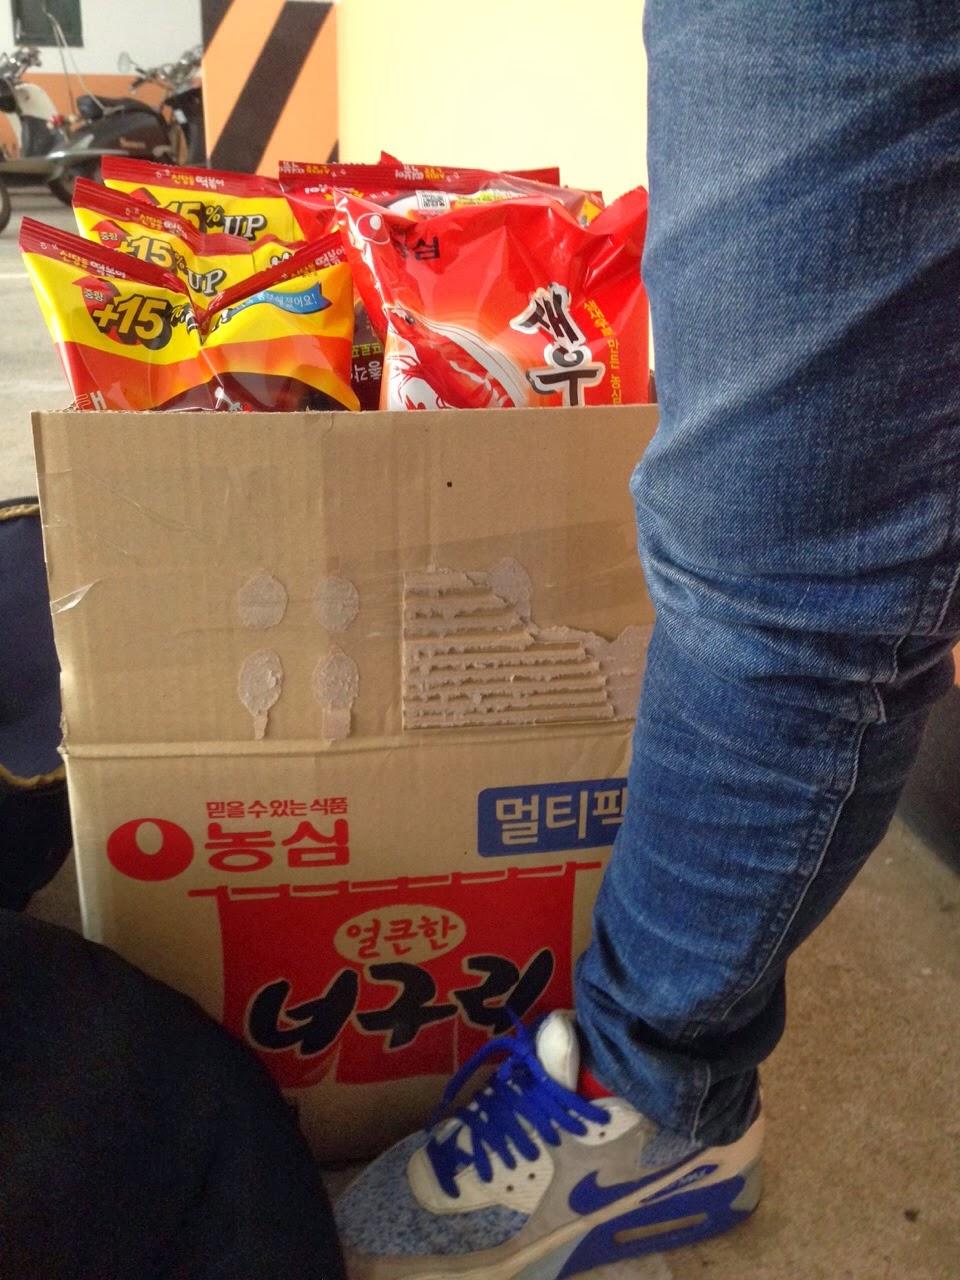 預購, 露天, 首爾, 運費, 進貨, 糖果, 年糕餅乾,餅乾,現貨, 熱銷, 樂天, 拍賣, 出國, cocoling, 代購, 韓國,